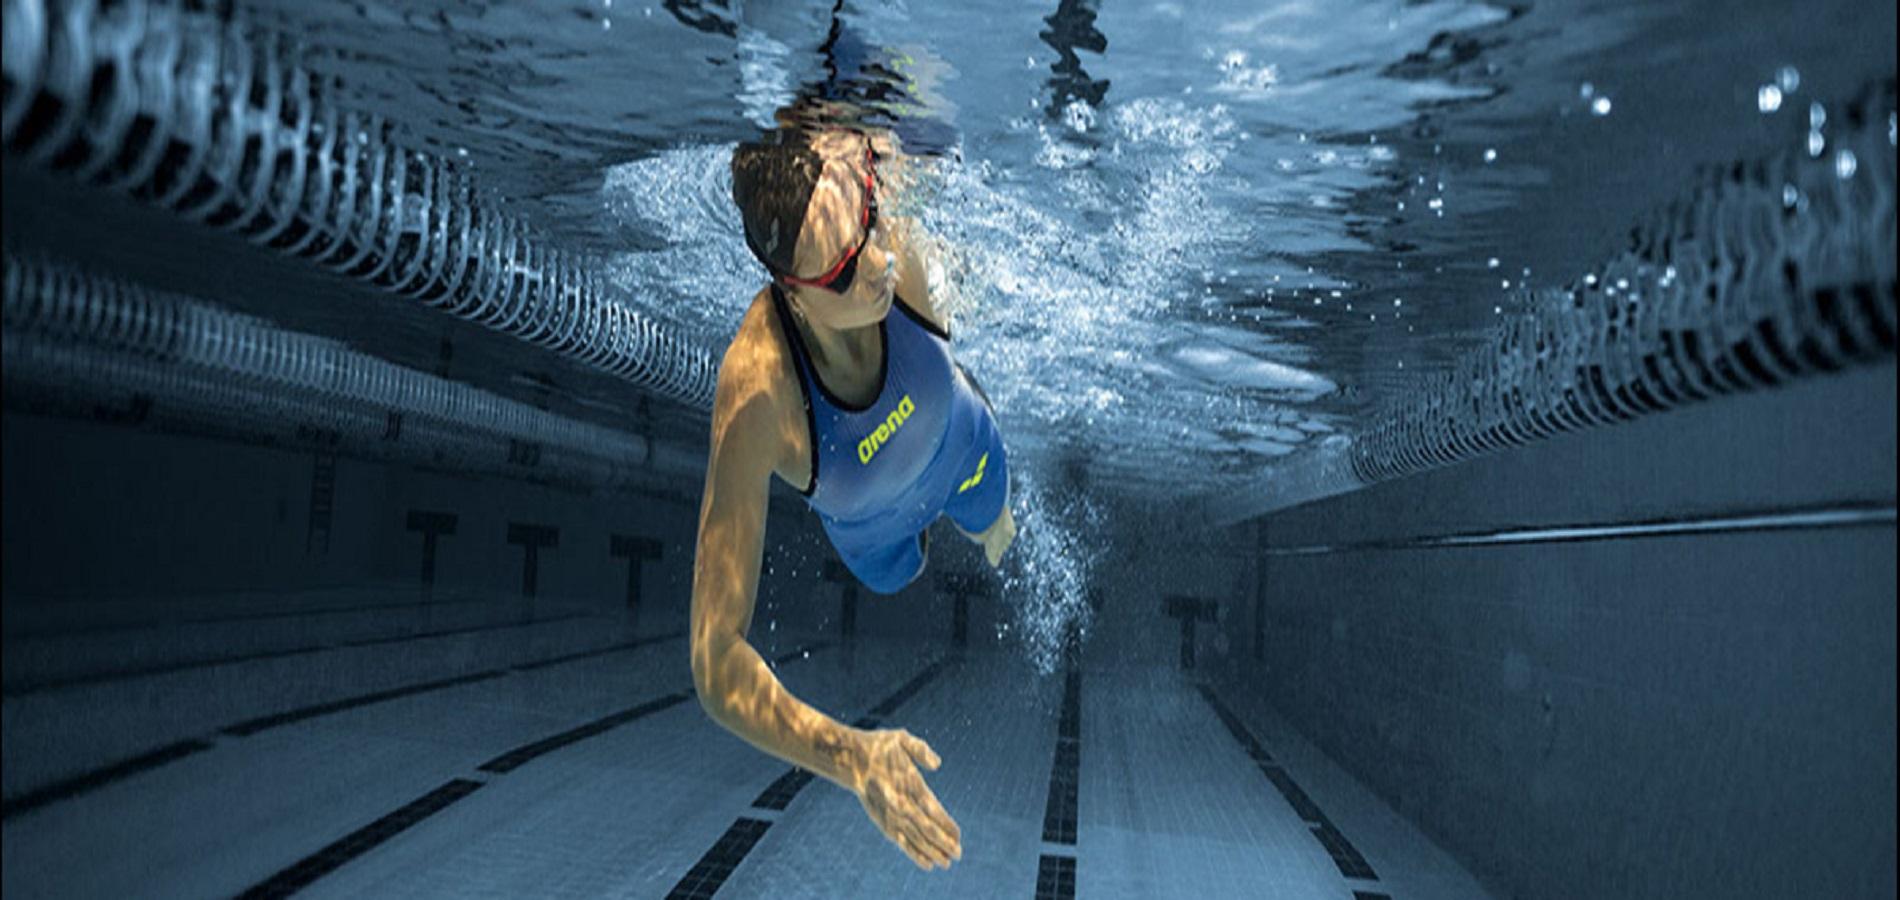 Aquafast Swimwear